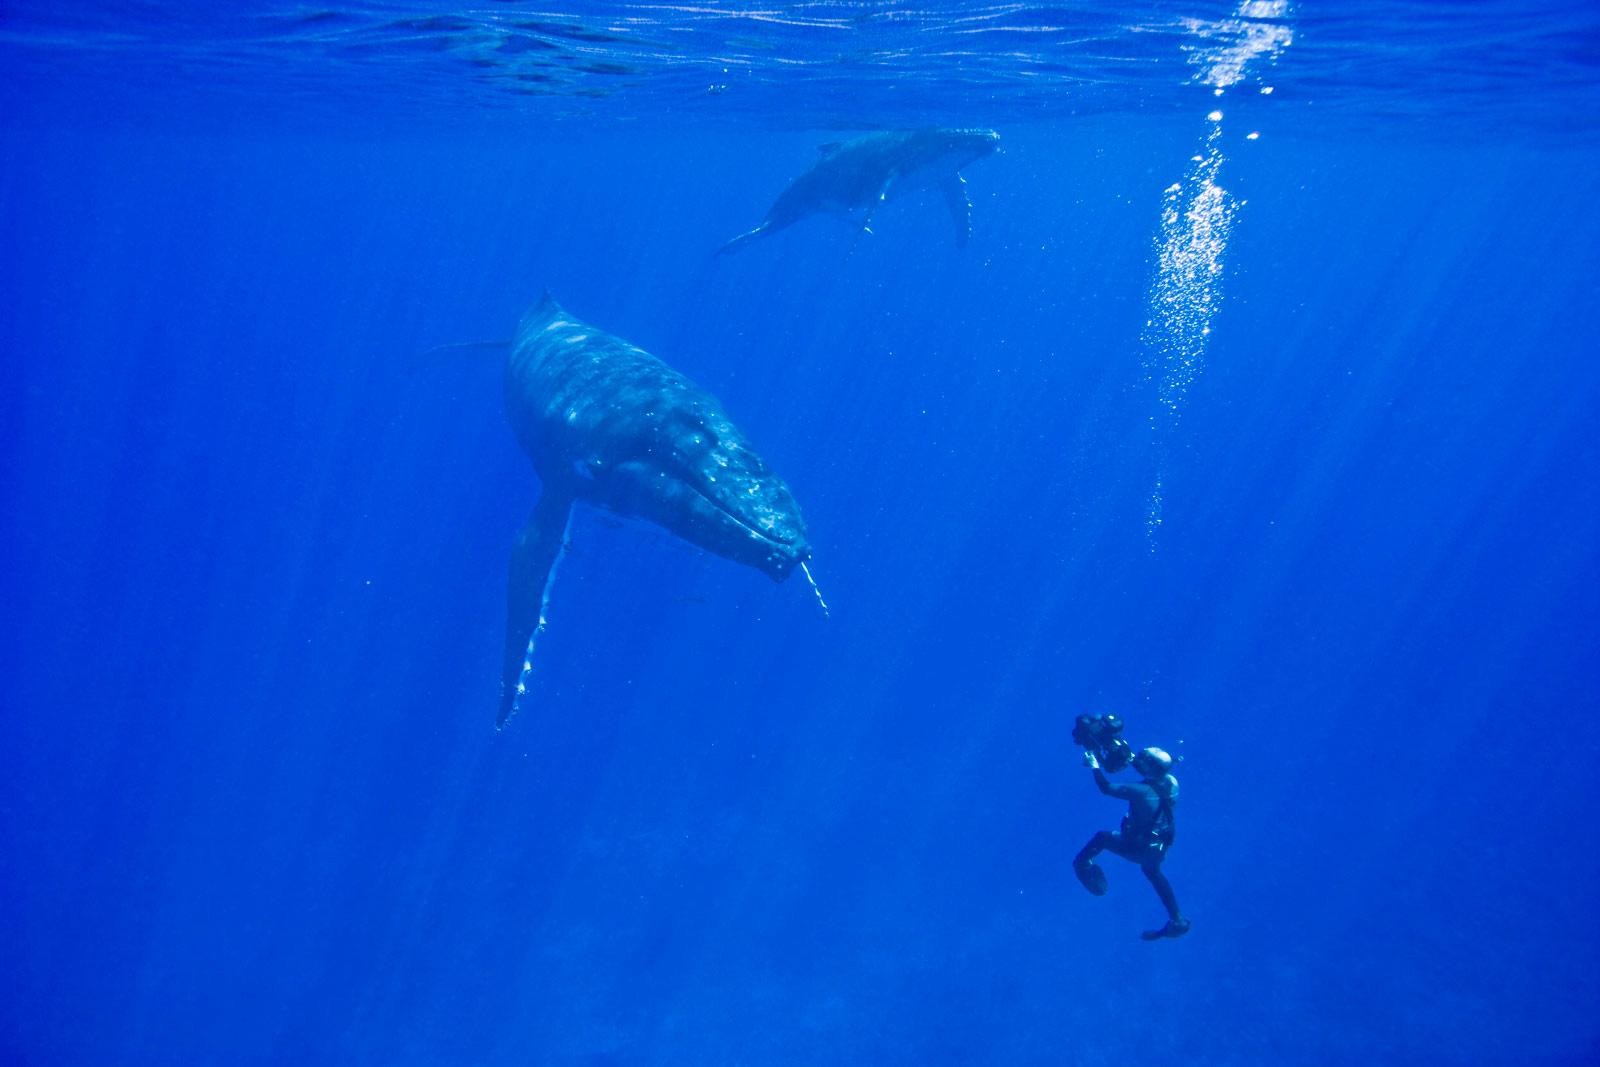 Doug diving with humpbacks in Tonga